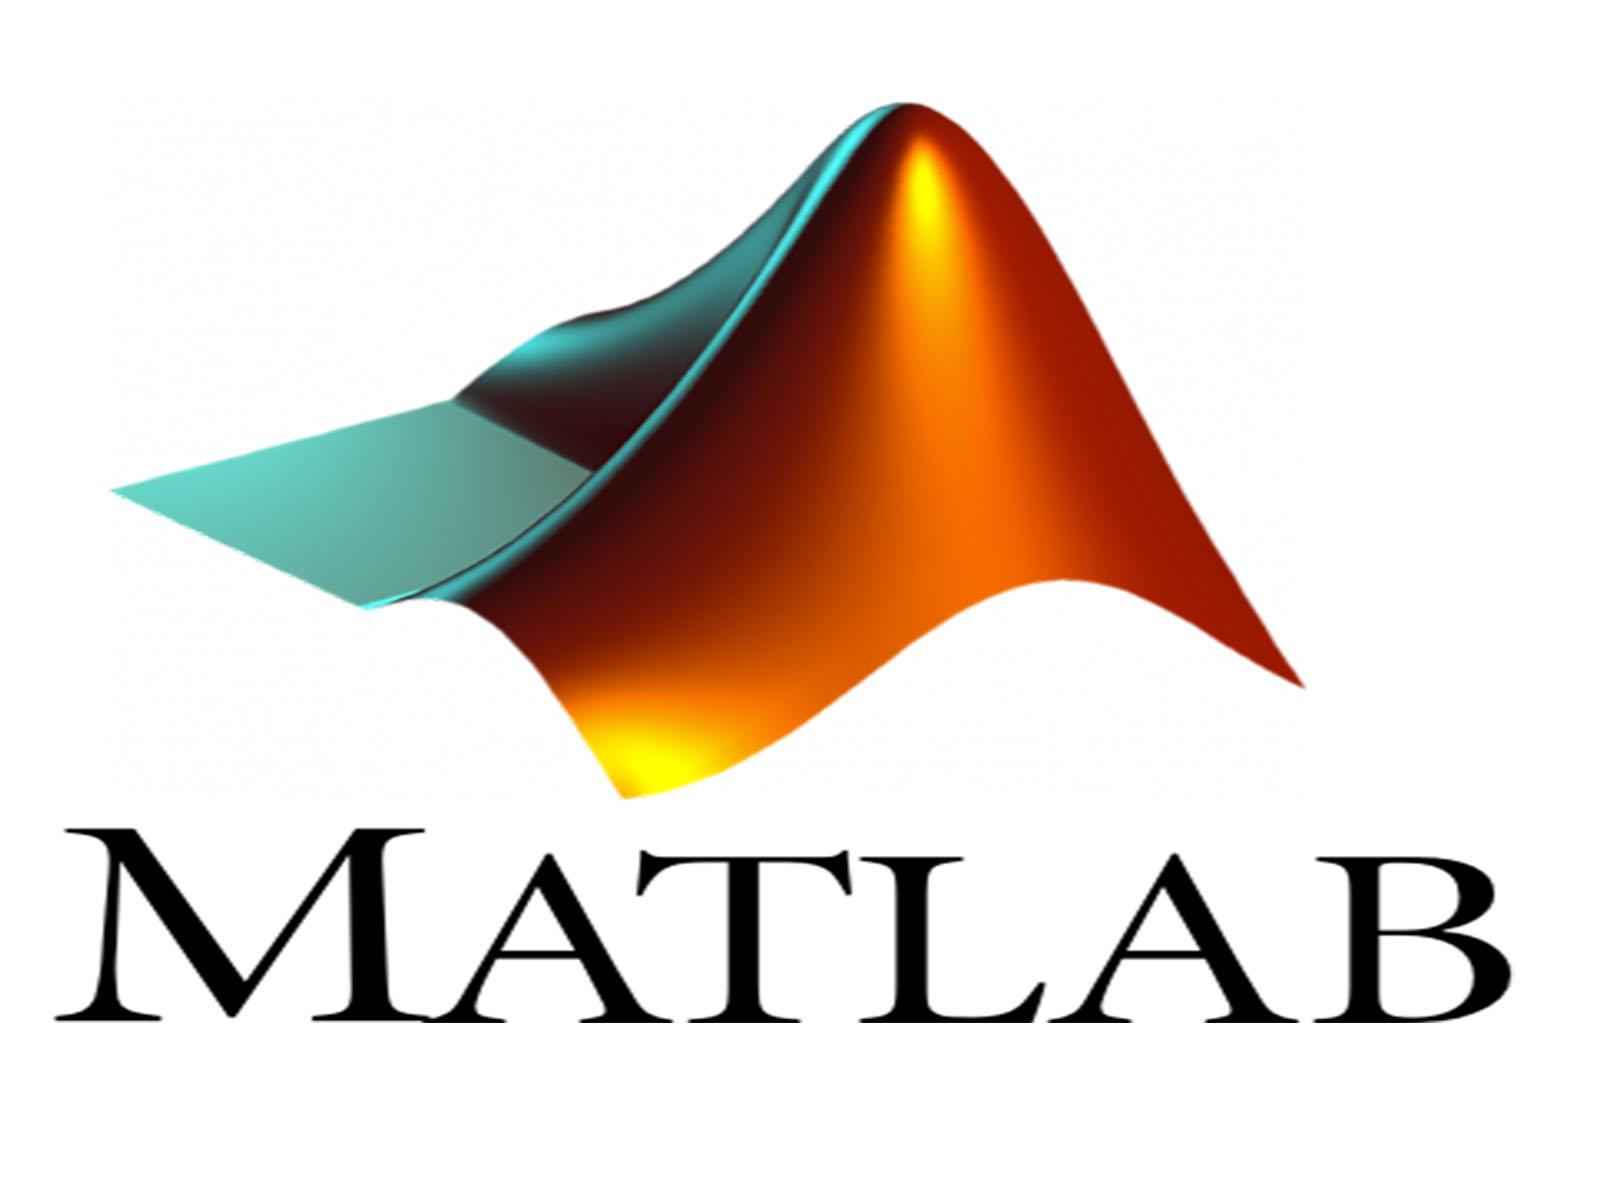 آموزش درس برنامه نویسی کامپیوتر (MATLAB)